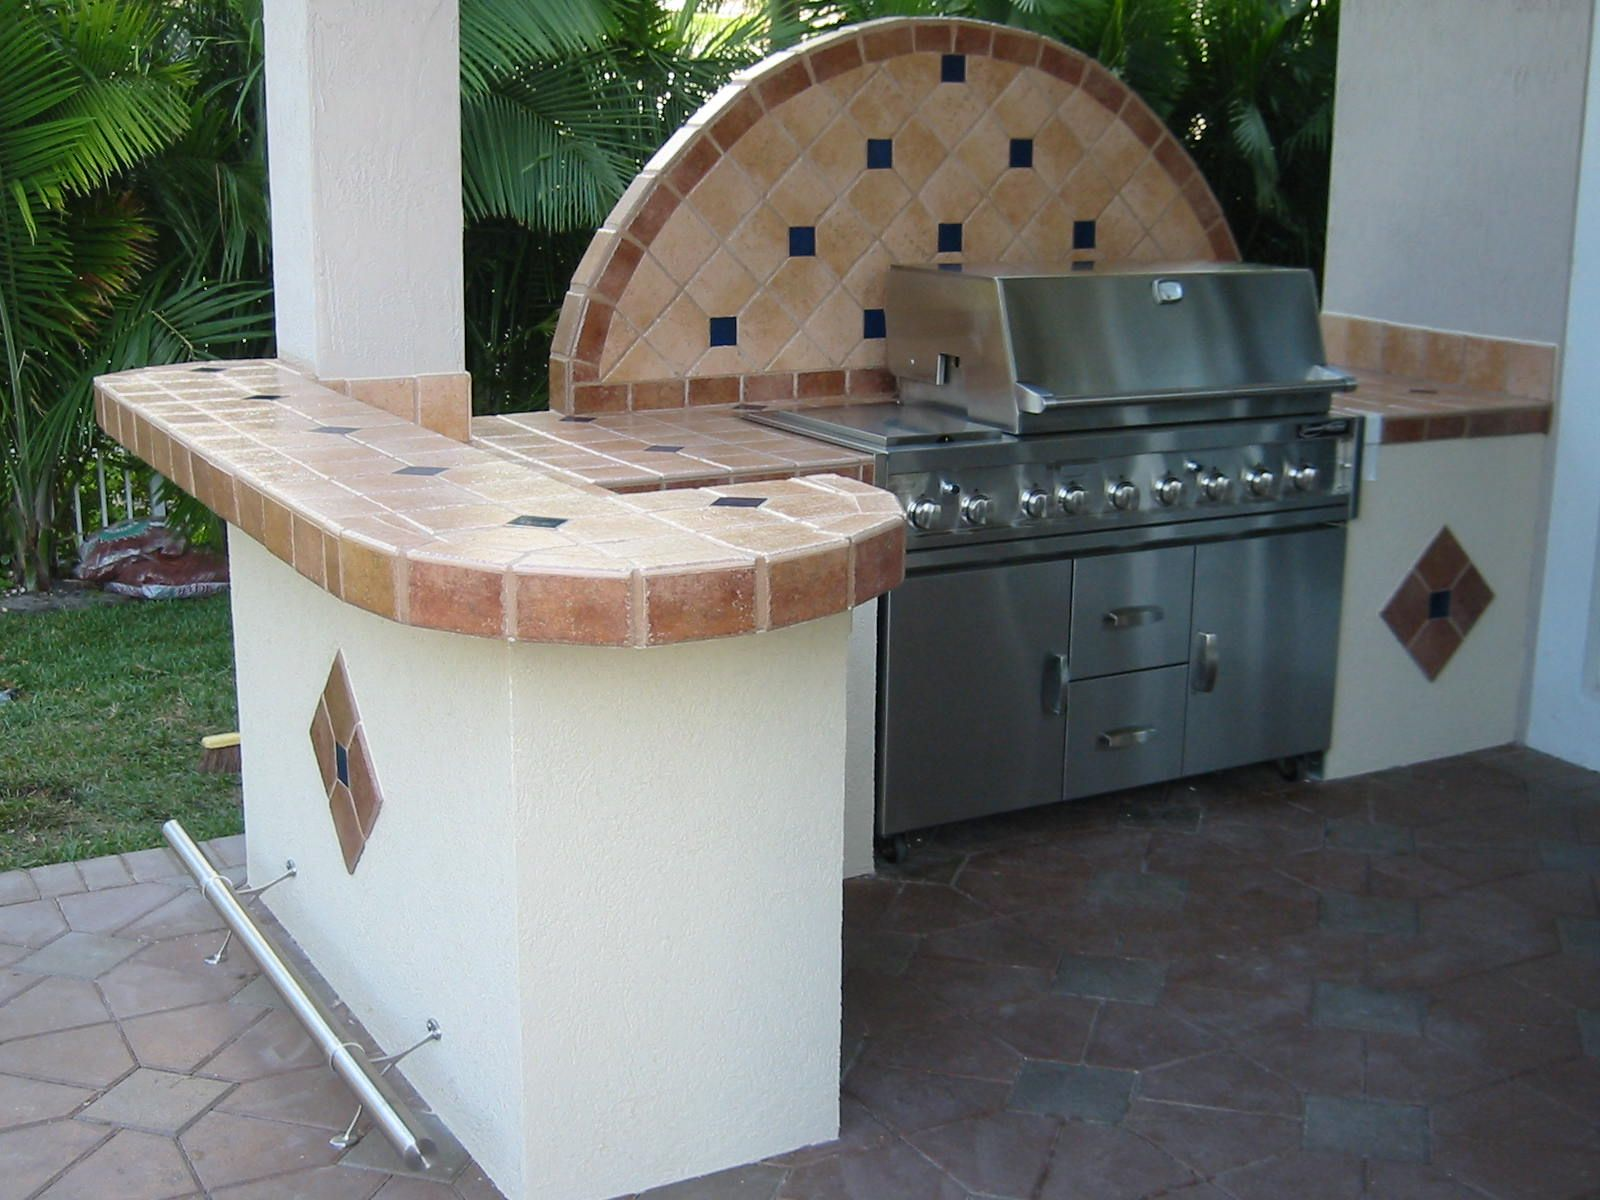 Outdoor Kitchen Design Images Kitchen Design Images Outdoor Kitchen Design Built In Bbq